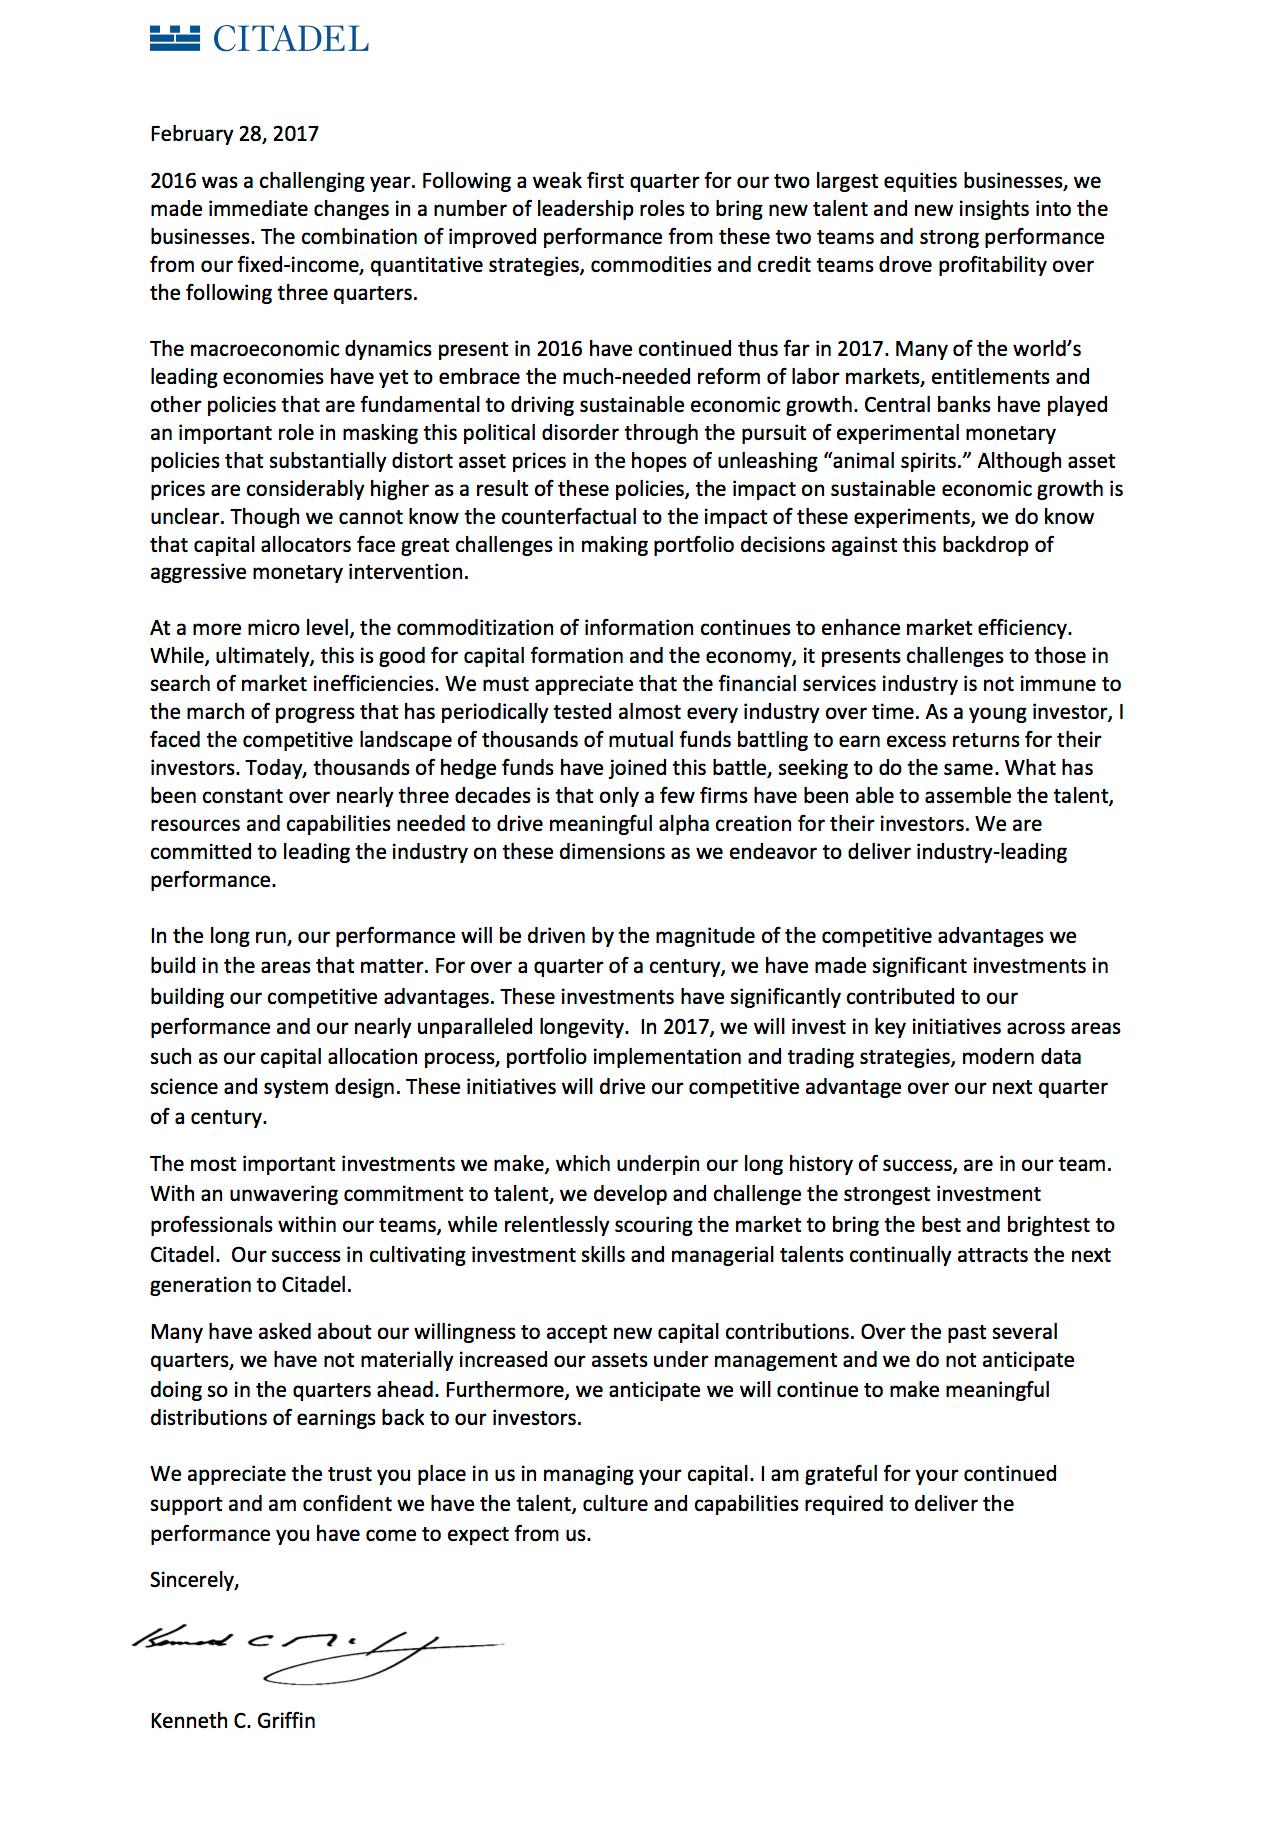 Ken Griffin's Letter to Investors   Citadel